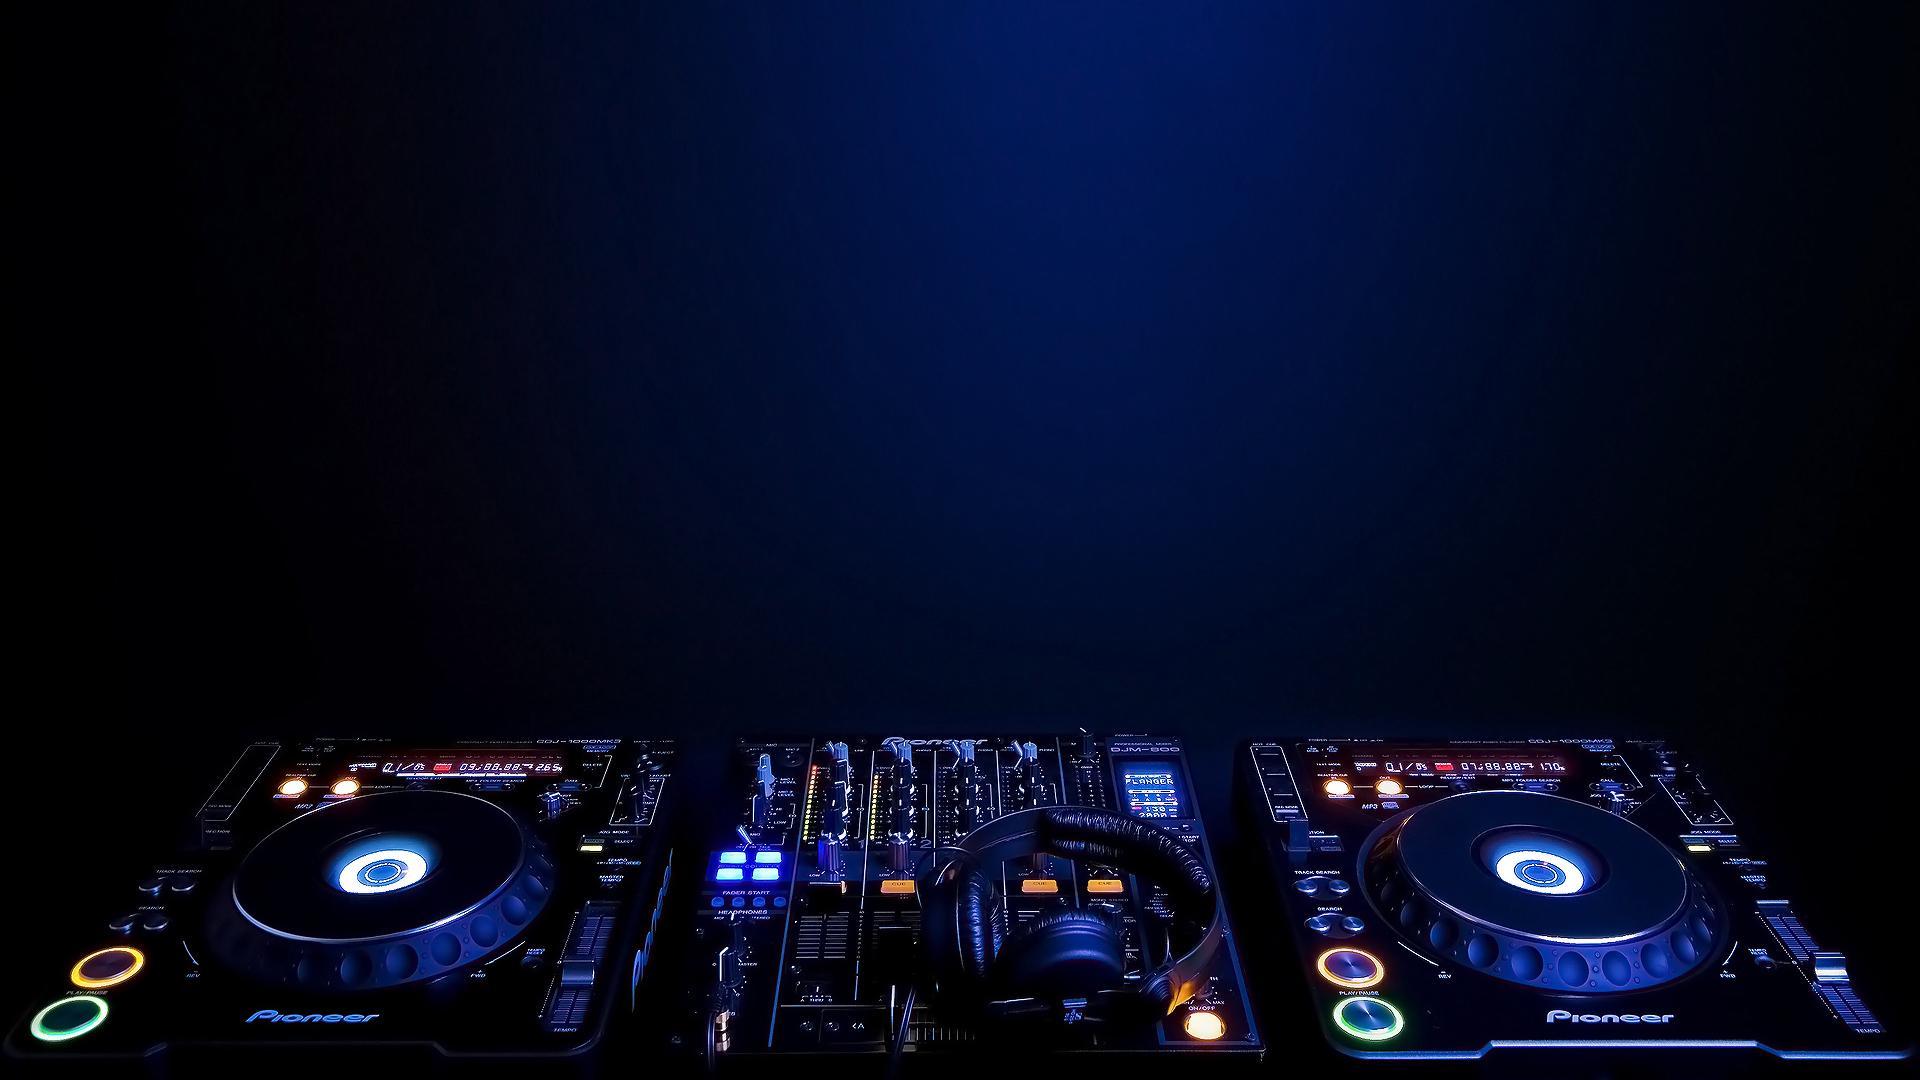 DJ Gear HD Wallpaper FullHDWpp   Full HD Wallpapers 1920x1080 1920x1080